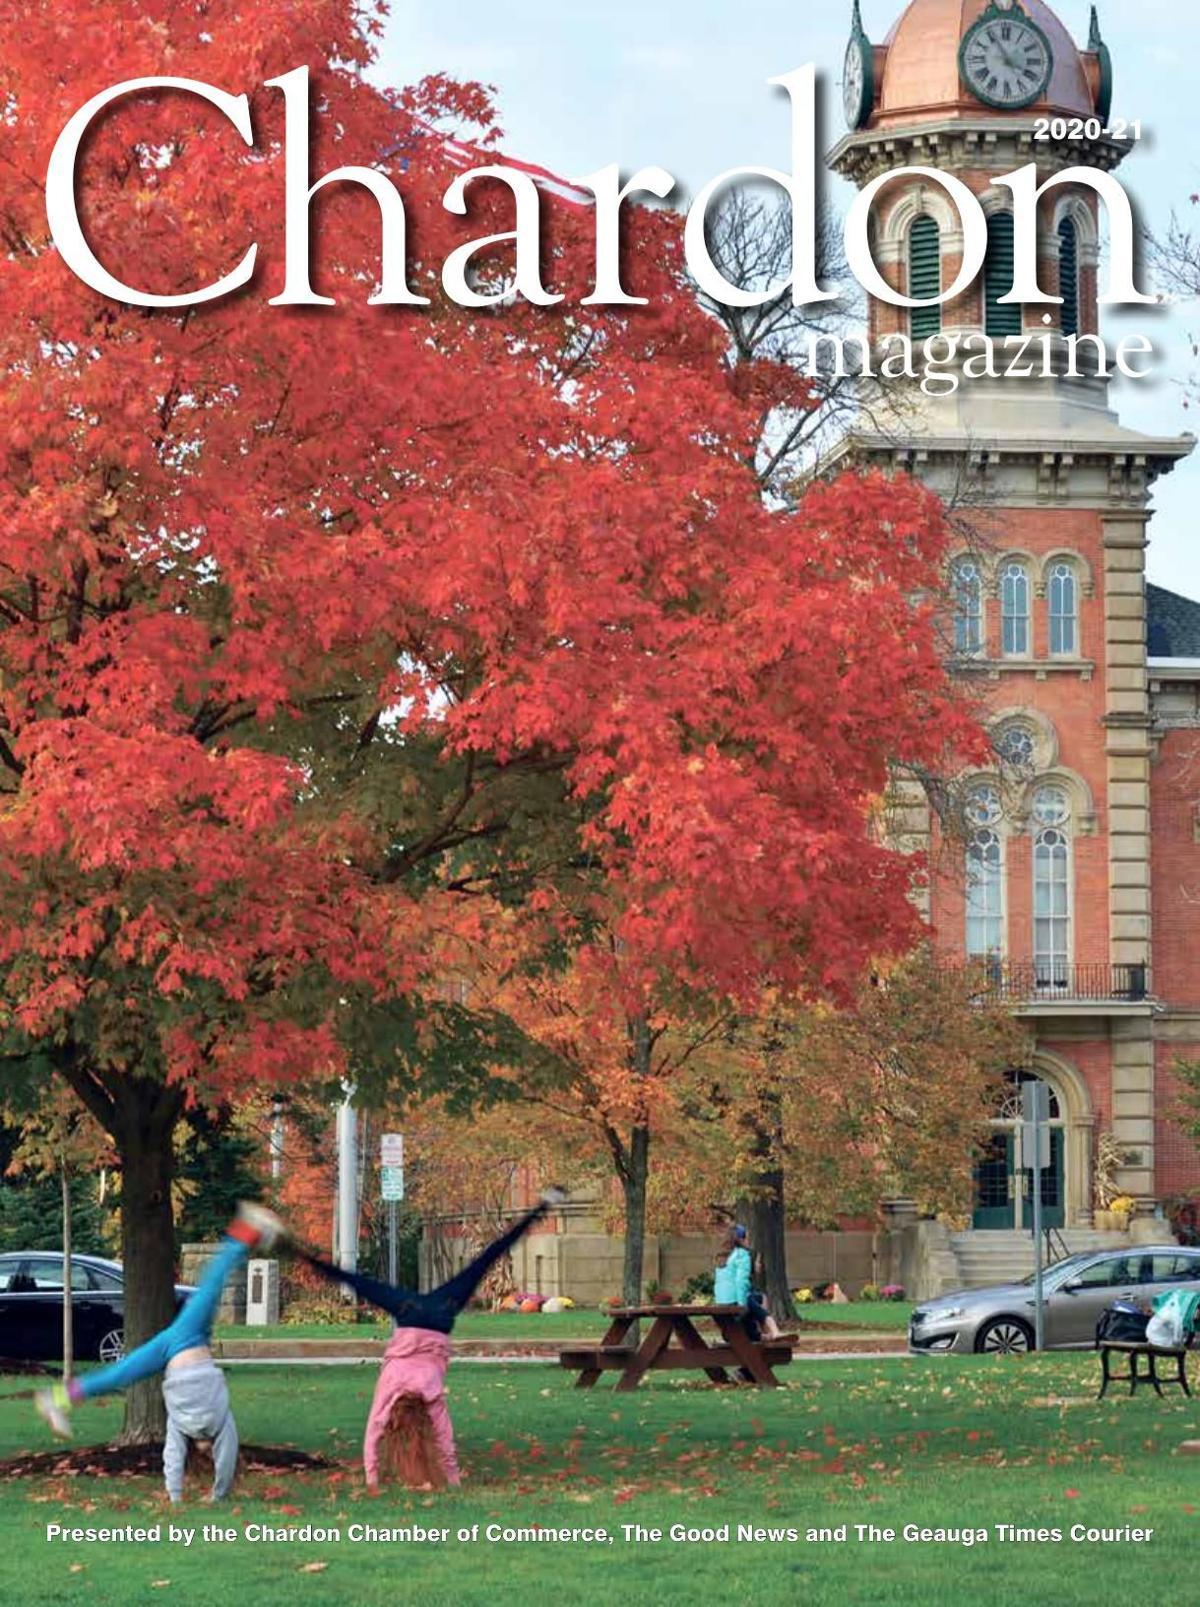 Chardon Magazine 2020-21